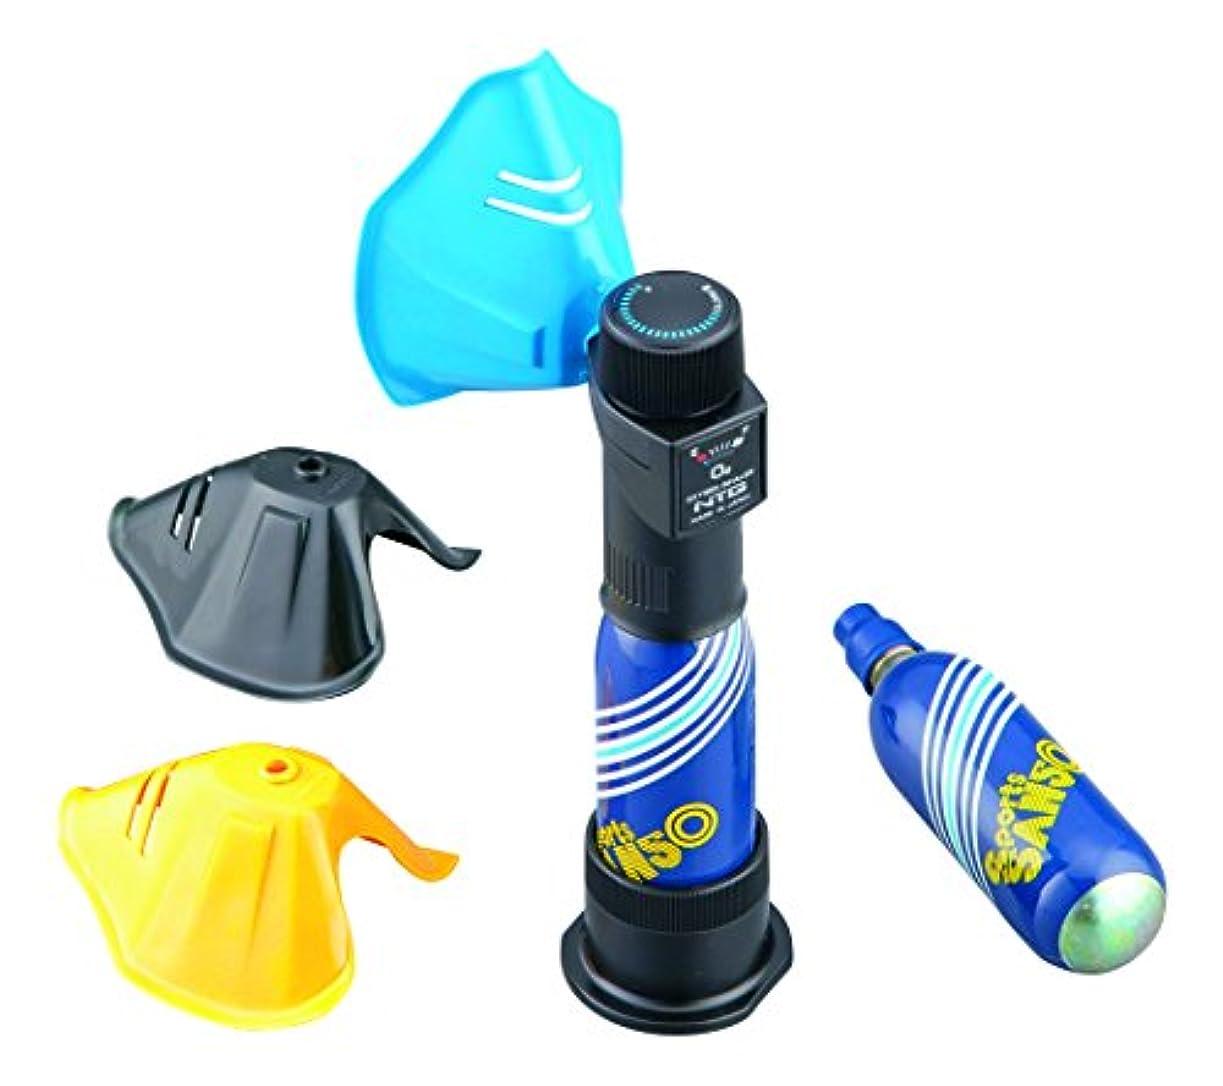 王朝会話バッフル携帯型酸素吸入器 スポーツ酸素DXセット  /8-5246-01